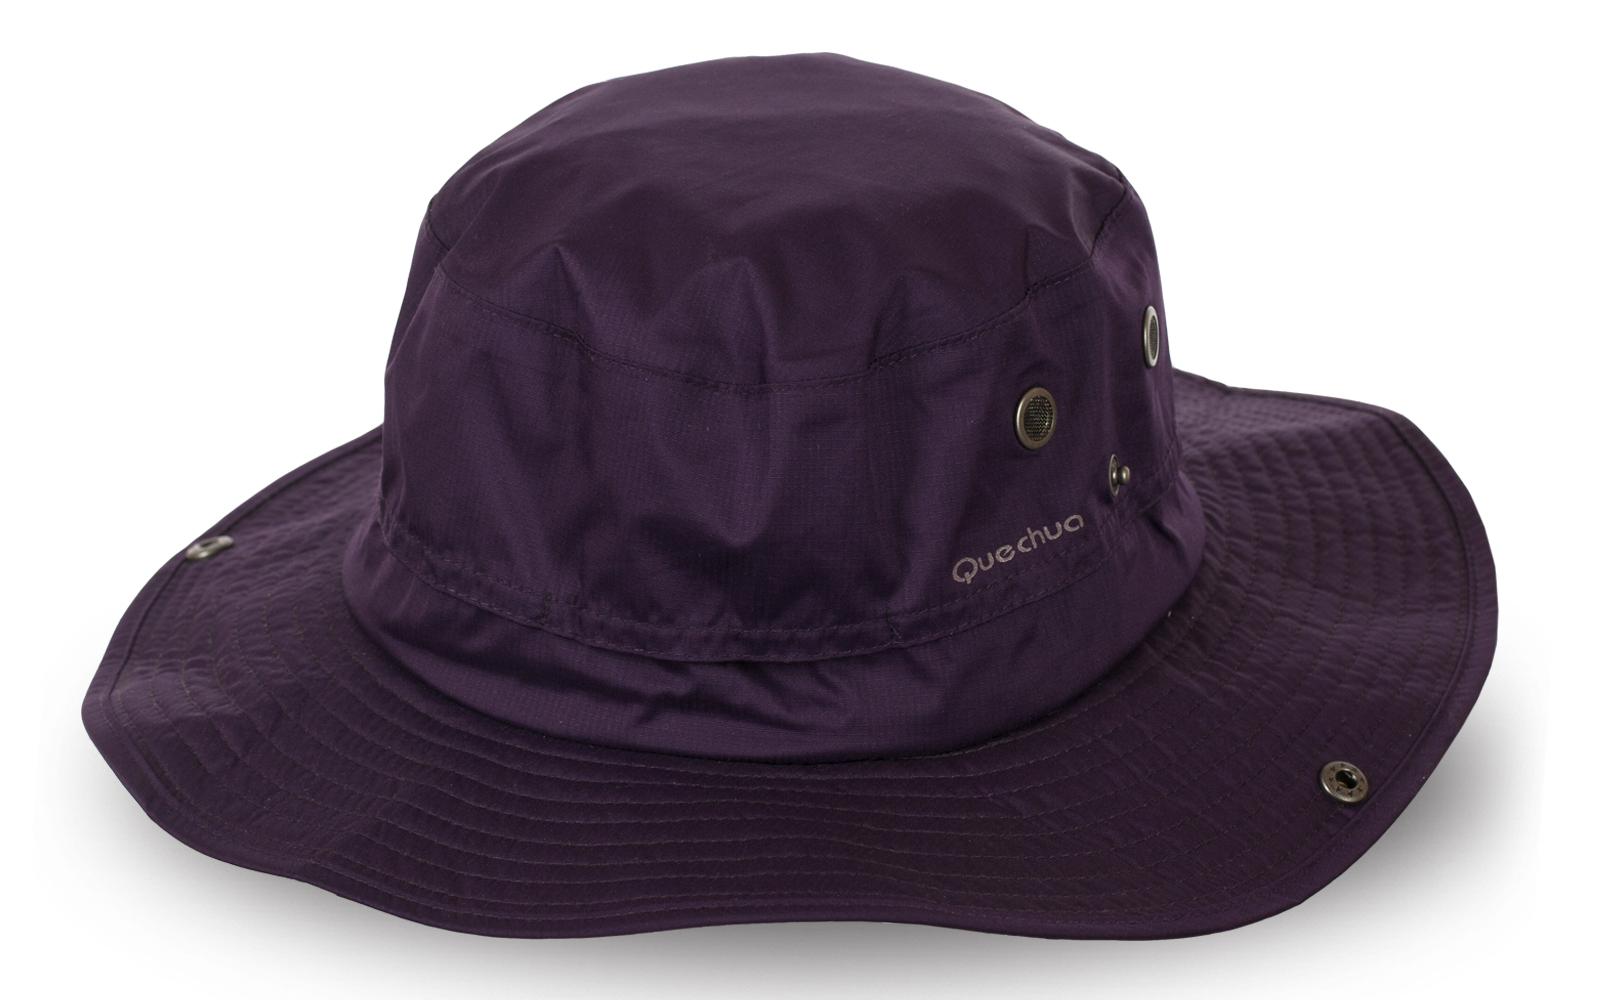 Шляпа для походов от бренда Quechua